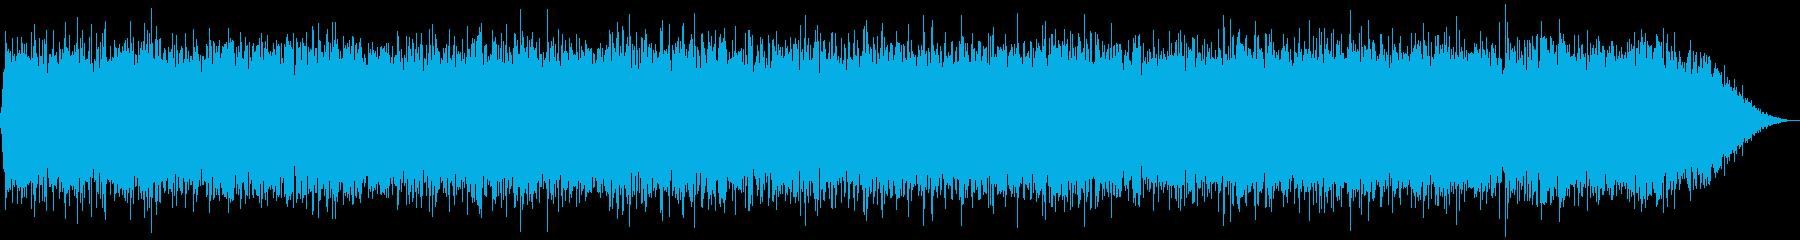 火事02の再生済みの波形